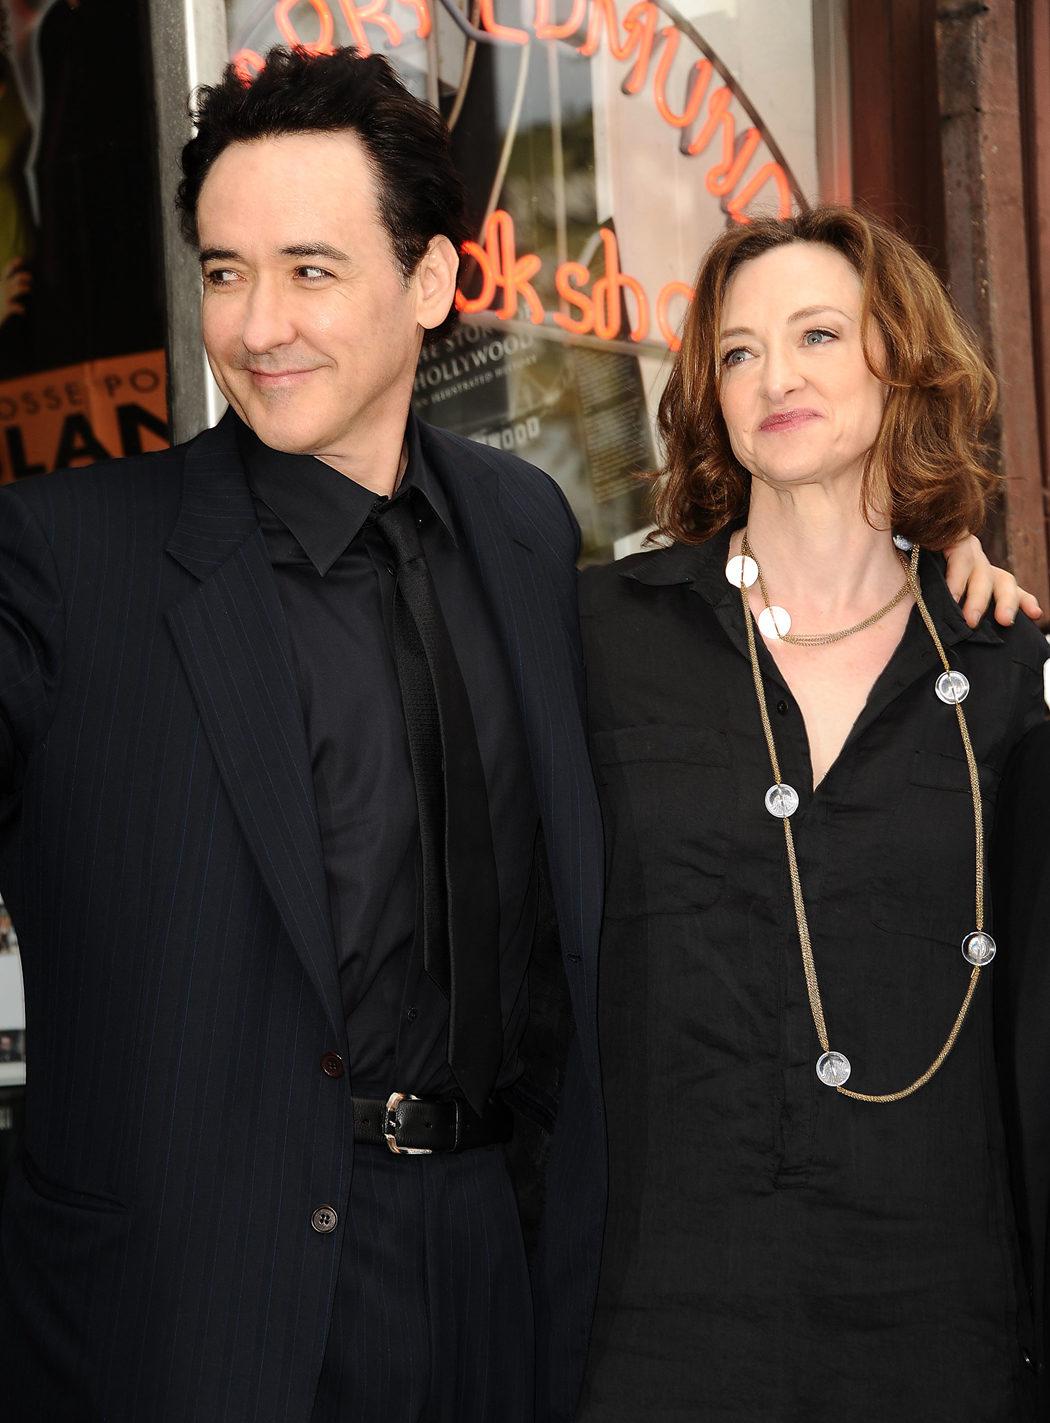 John y Joan Cusack